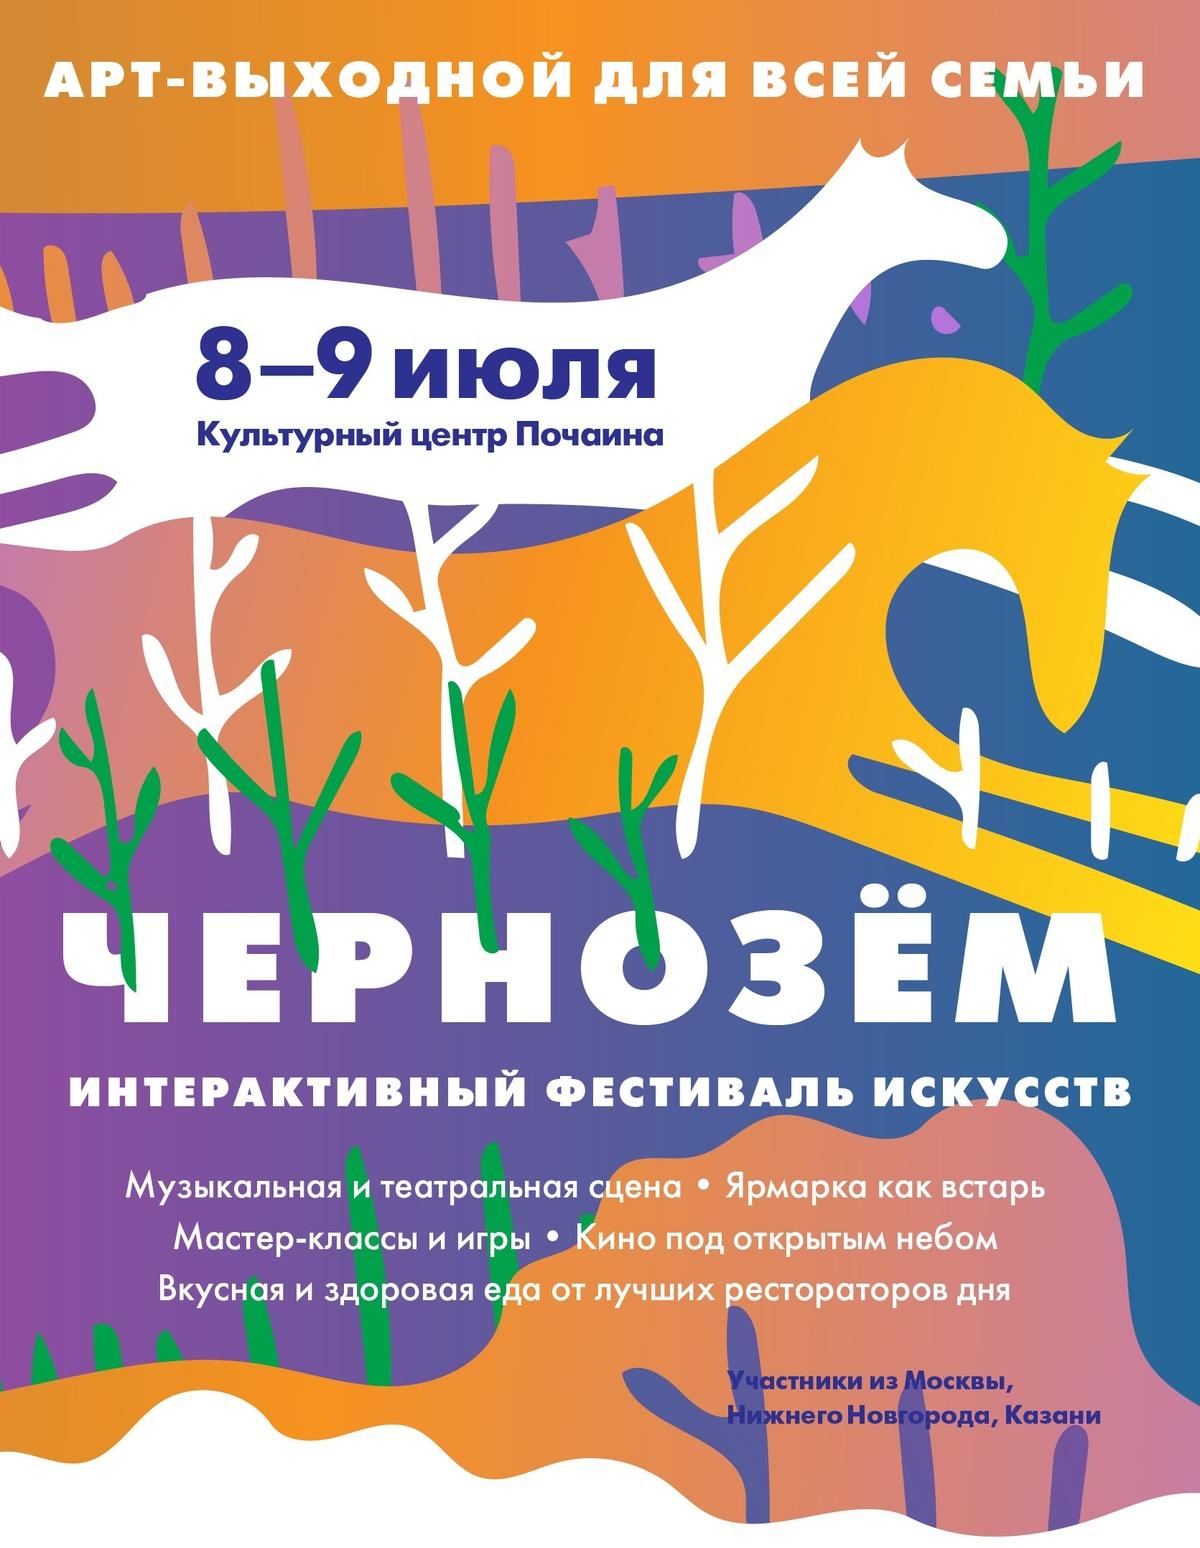 Интерактивный фестиваль искусств Чернозём